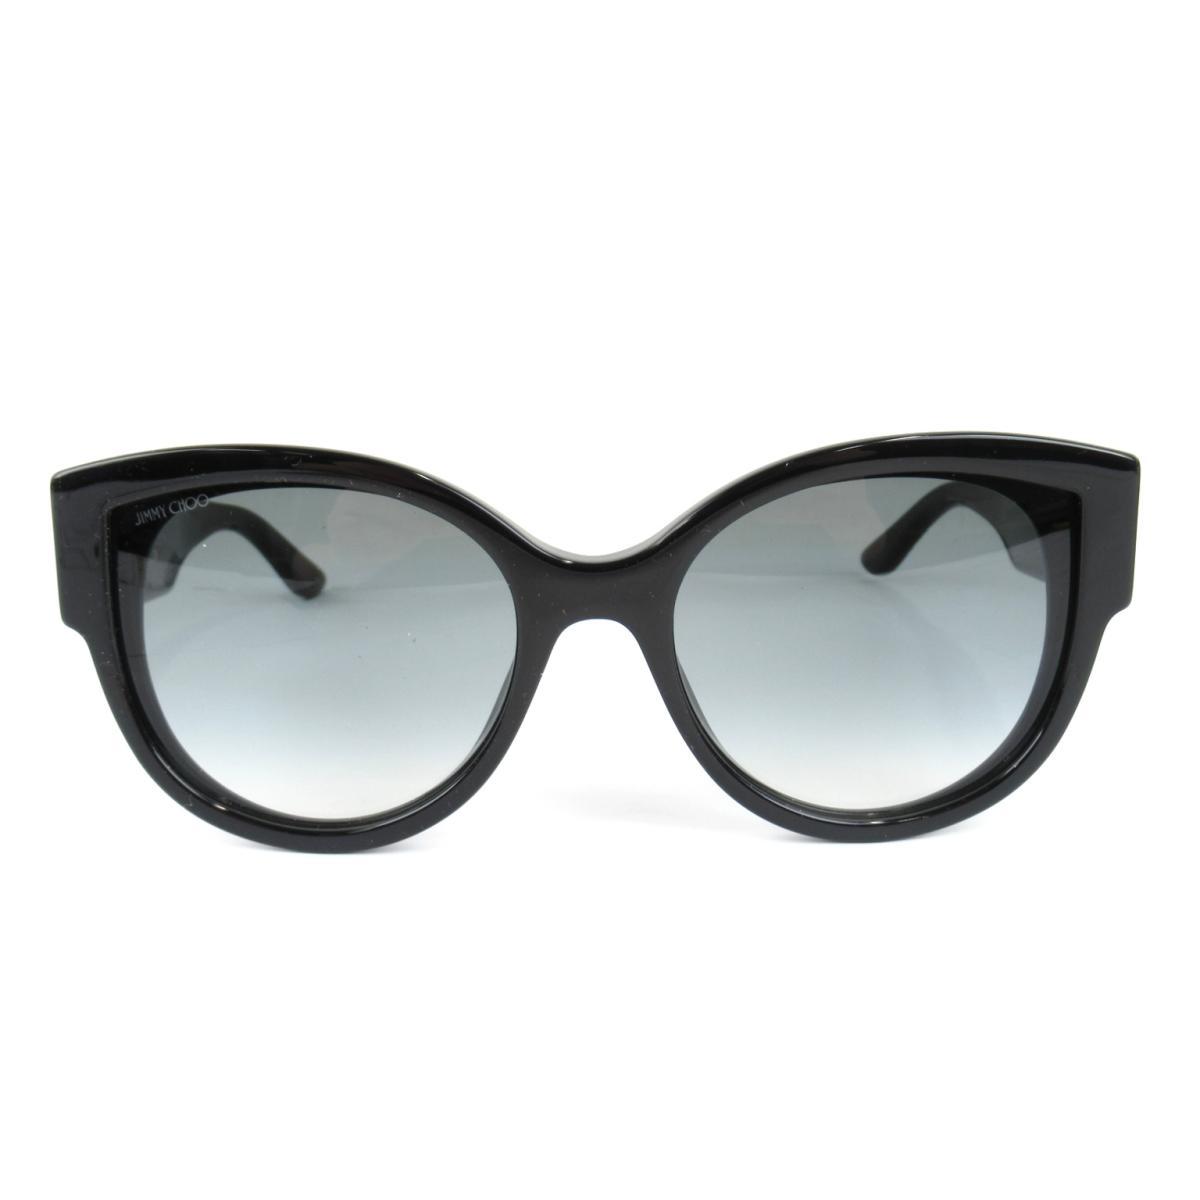 ジミーチュウ ポリー サングラス メンズ レディース フレーム:アセテート/レンズ:アセテート ブラック x (POLLIE 807/90 55ロ19) | JIMMY CHOO BRANDOFF ブランドオフ ブランド ブランド雑貨 小物 雑貨 眼鏡 メガネ めがね